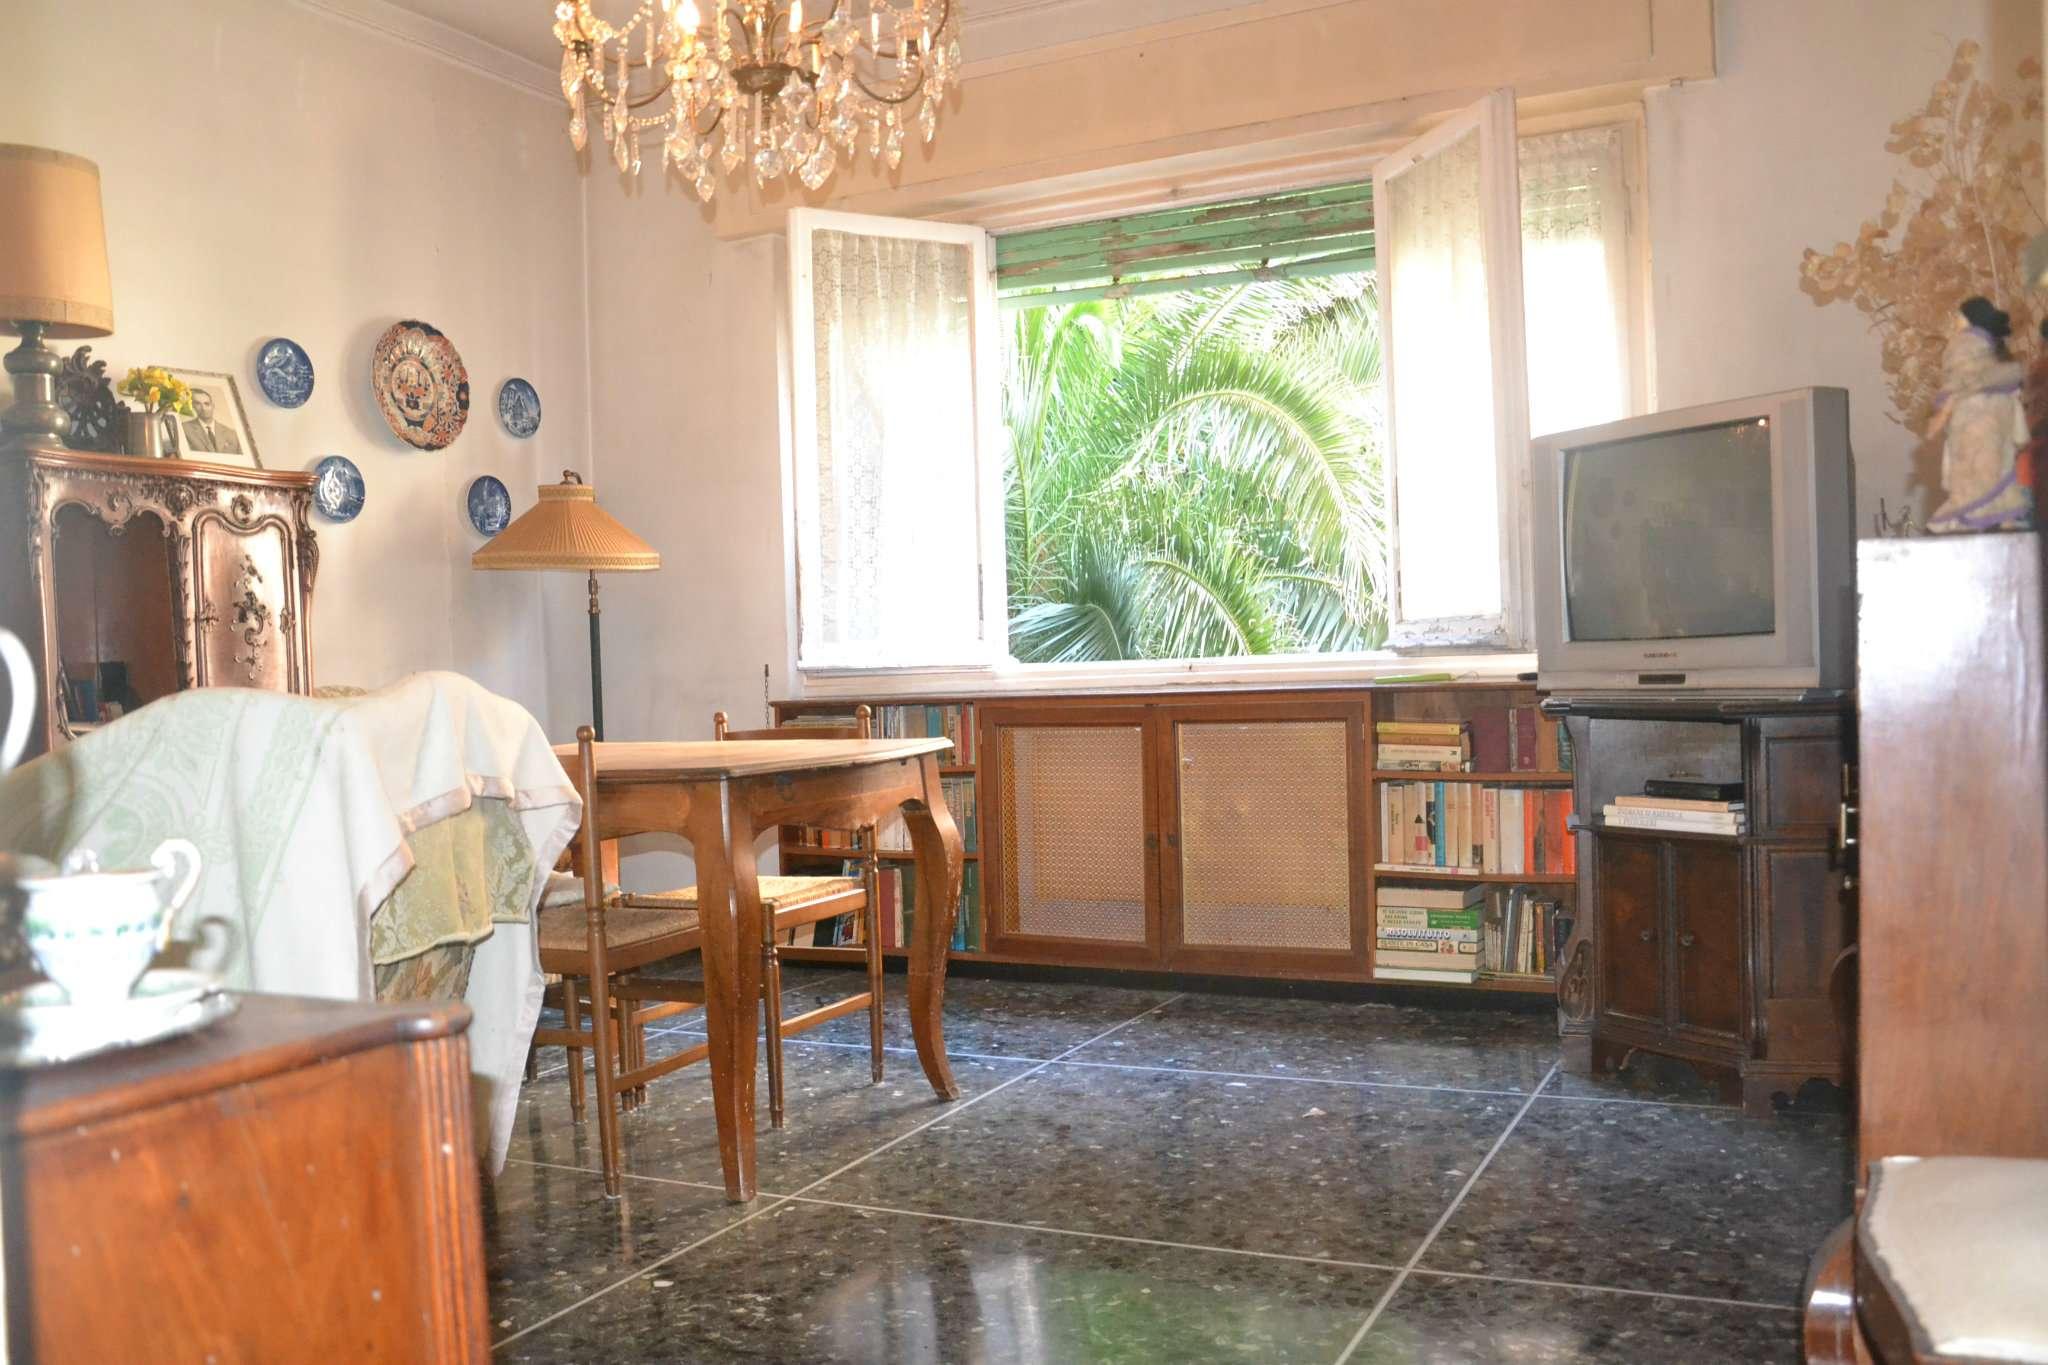 Foto 1 di Appartamento via Cabruna, Genova (zona Quinto-Nervi)